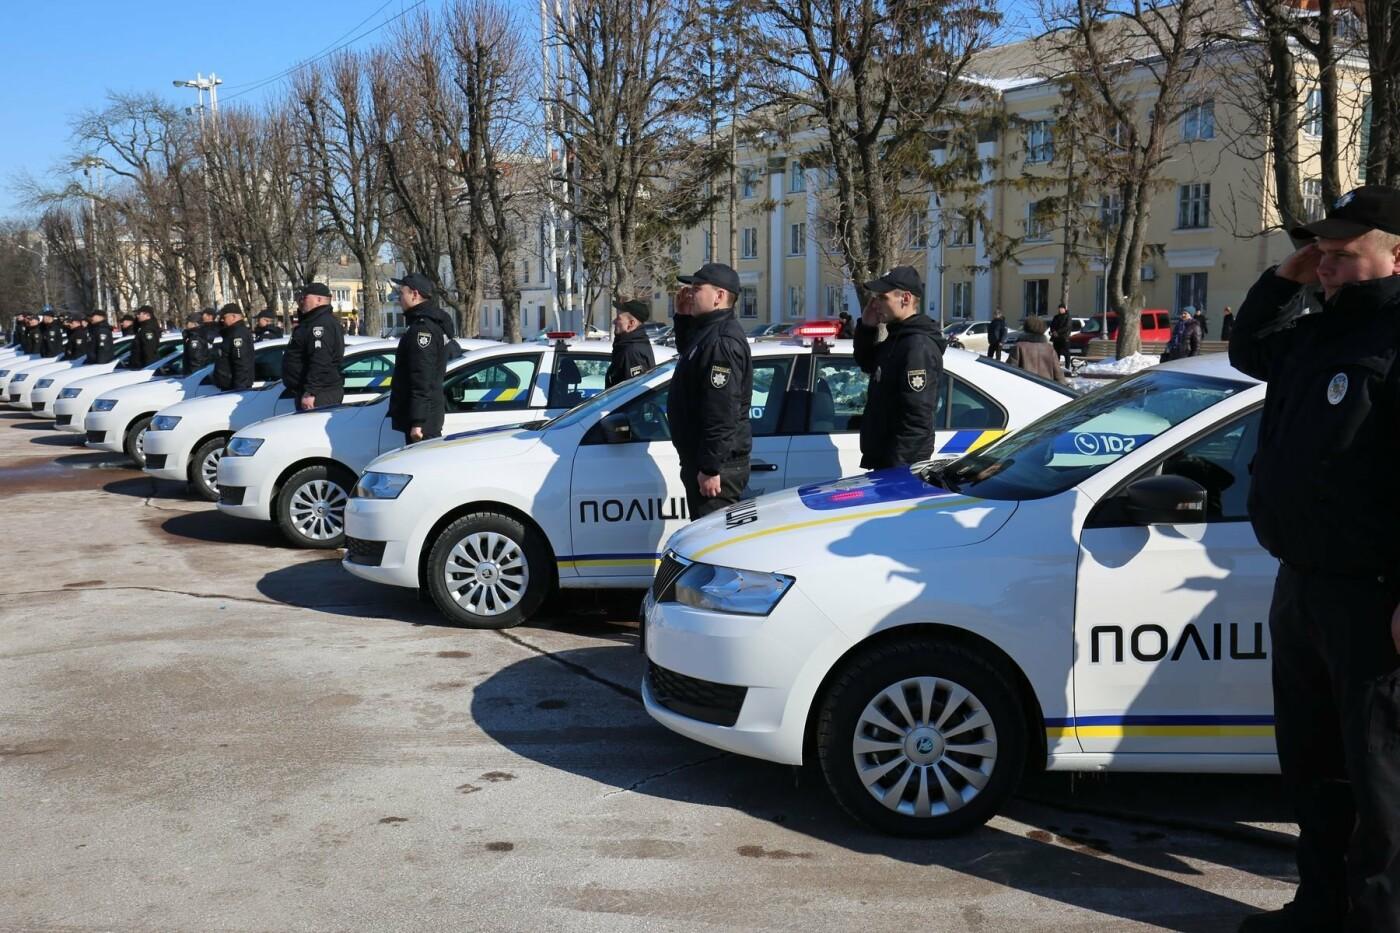 Поліції Хмельниччини подарували 18 автомобілів. ФОТО, фото-2